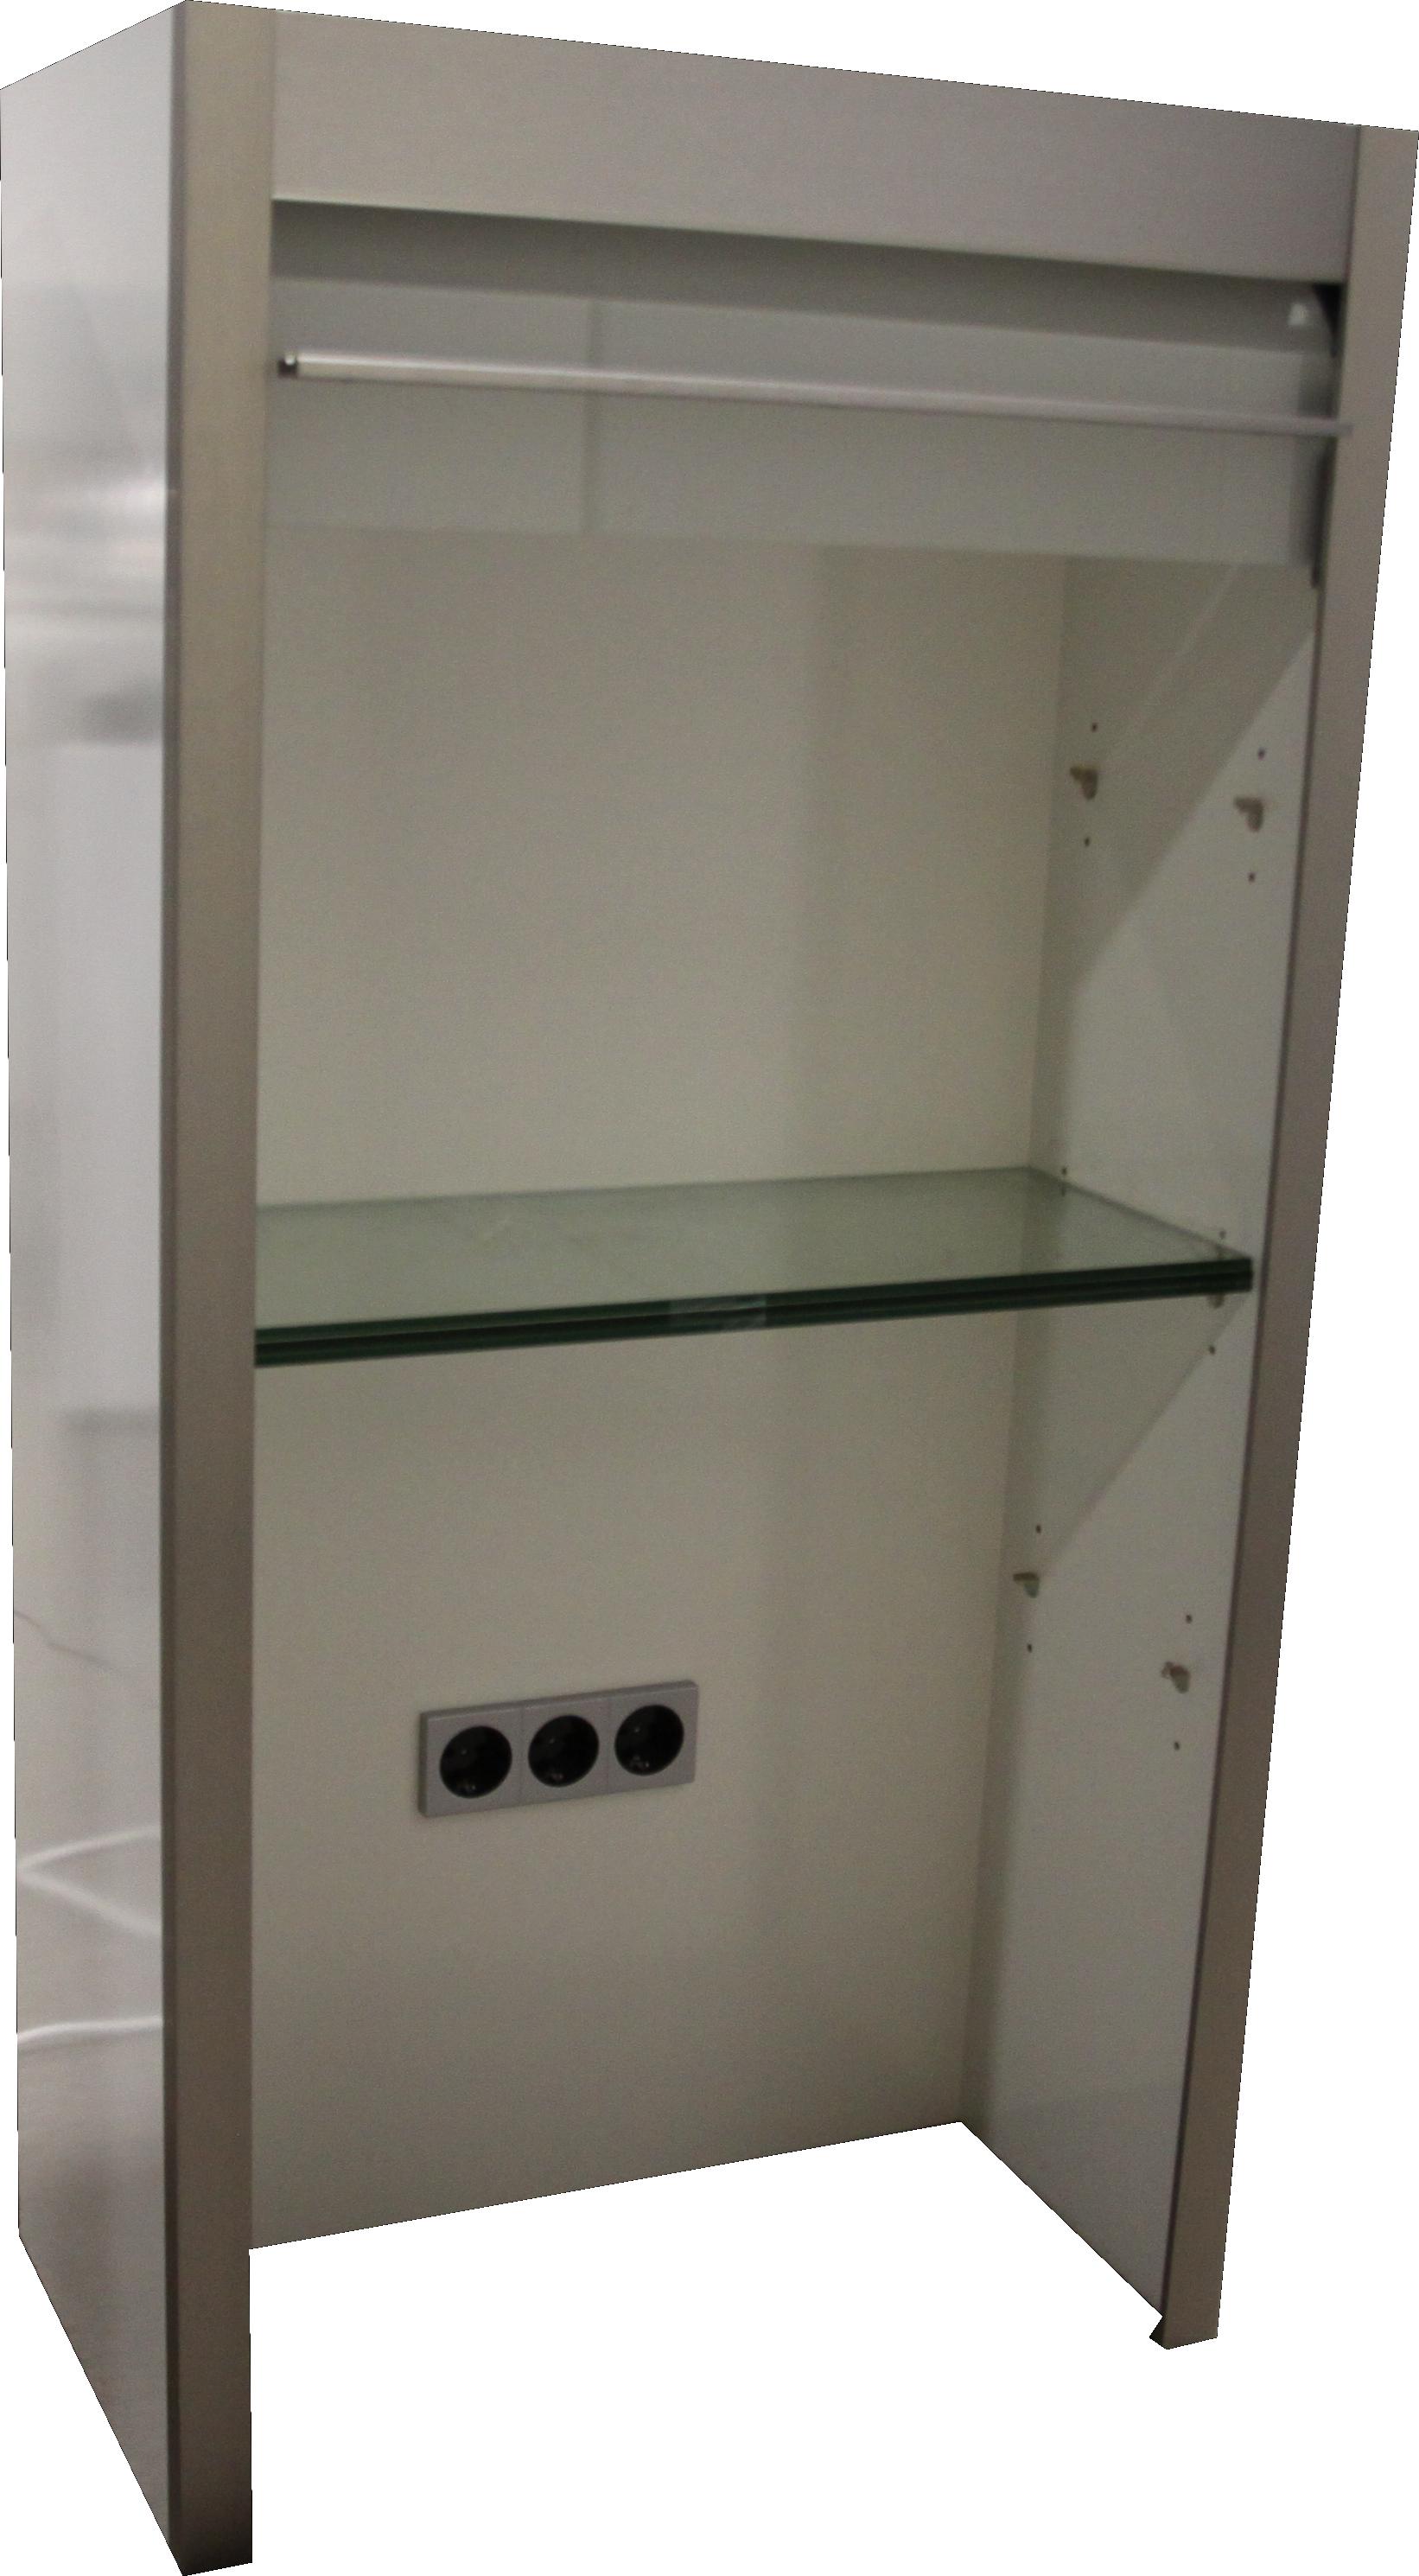 Jalousieschrank / Aufsatzschrank in Weiß Glanz / Mattglas